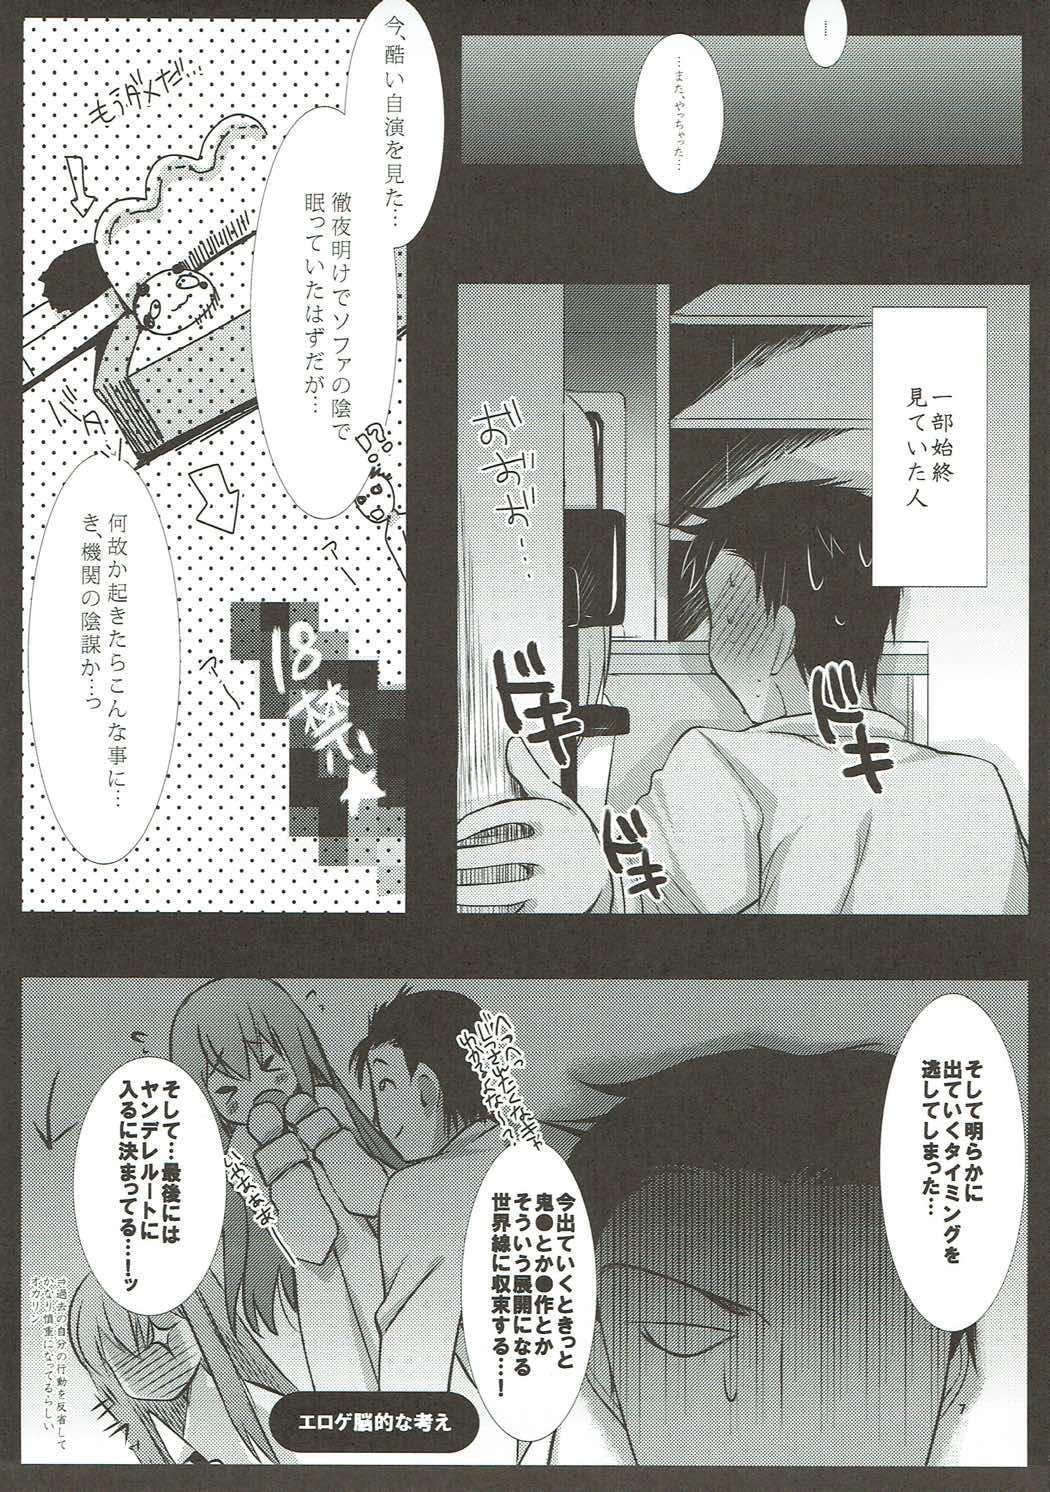 Ore no Joshu no Dere ga Uchouten de Todomaru Koto o Shiranai 5